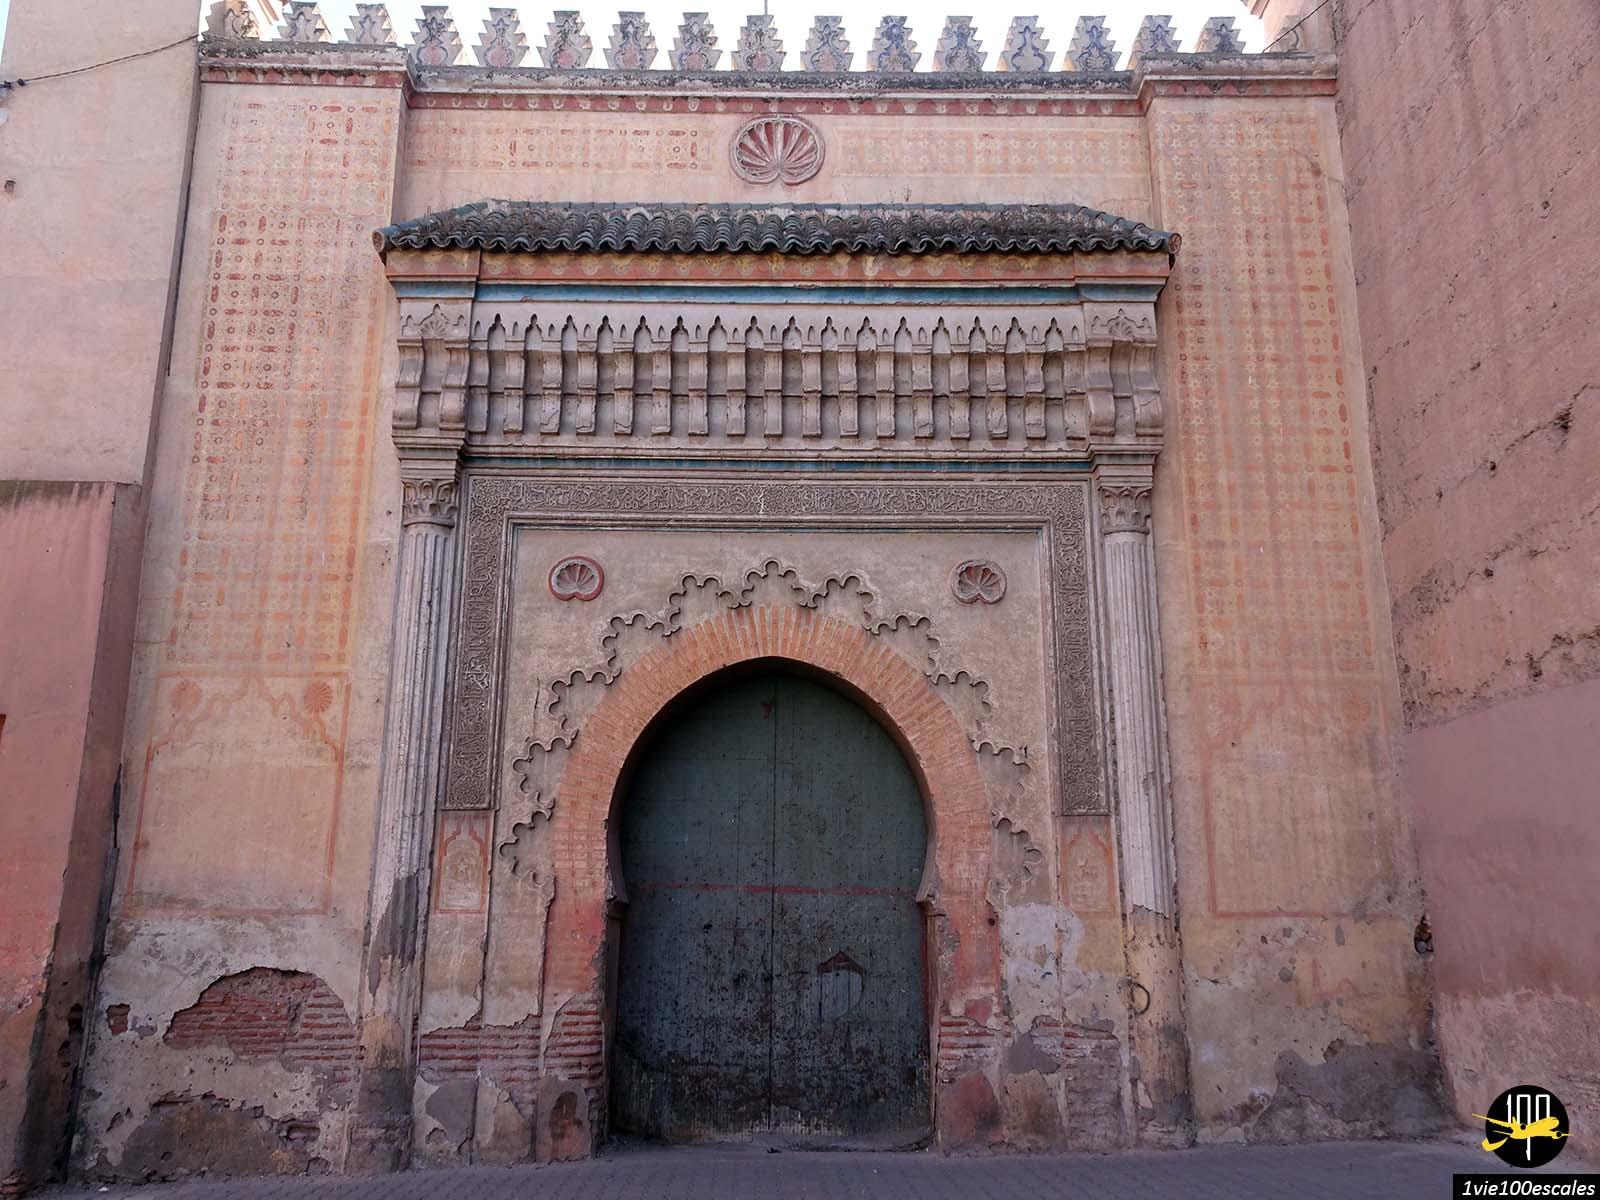 Une porte d'entrée d'un palais dans la médina de Marrakech